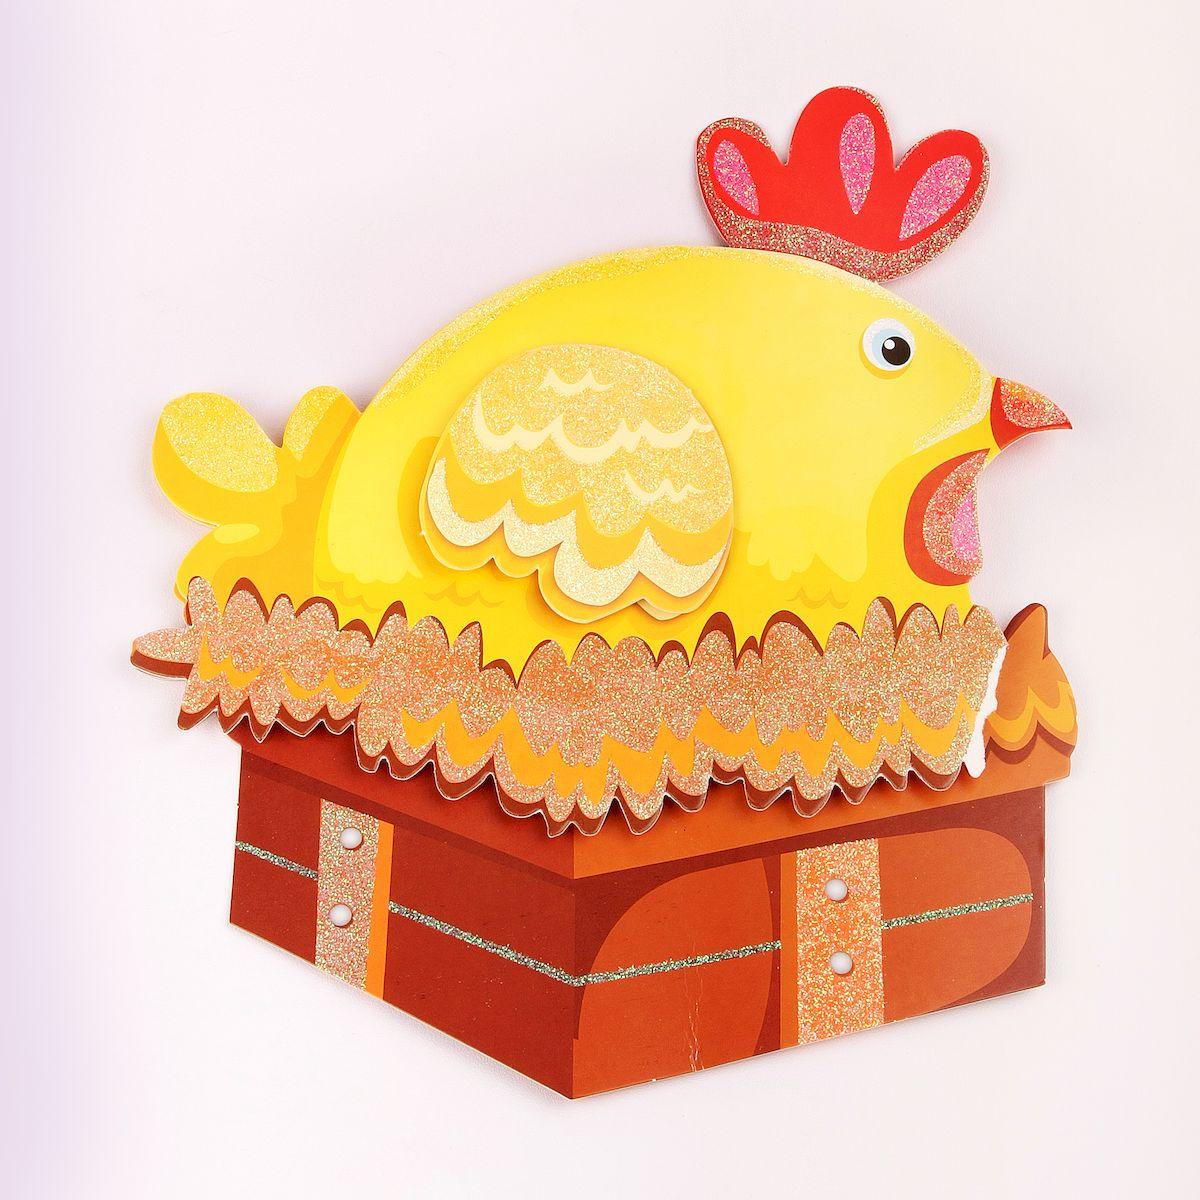 Наклейка декоративная Magic Home Курочка, 35,5 х 25 смRMK2371GMЯркая, забавная наклейка украсит не только детскую комнату, но и станет отличным дополнением к любому подарку. Наклейку можно использовать как украшение стен и, например, фасадов шкафов и различных ящиков.